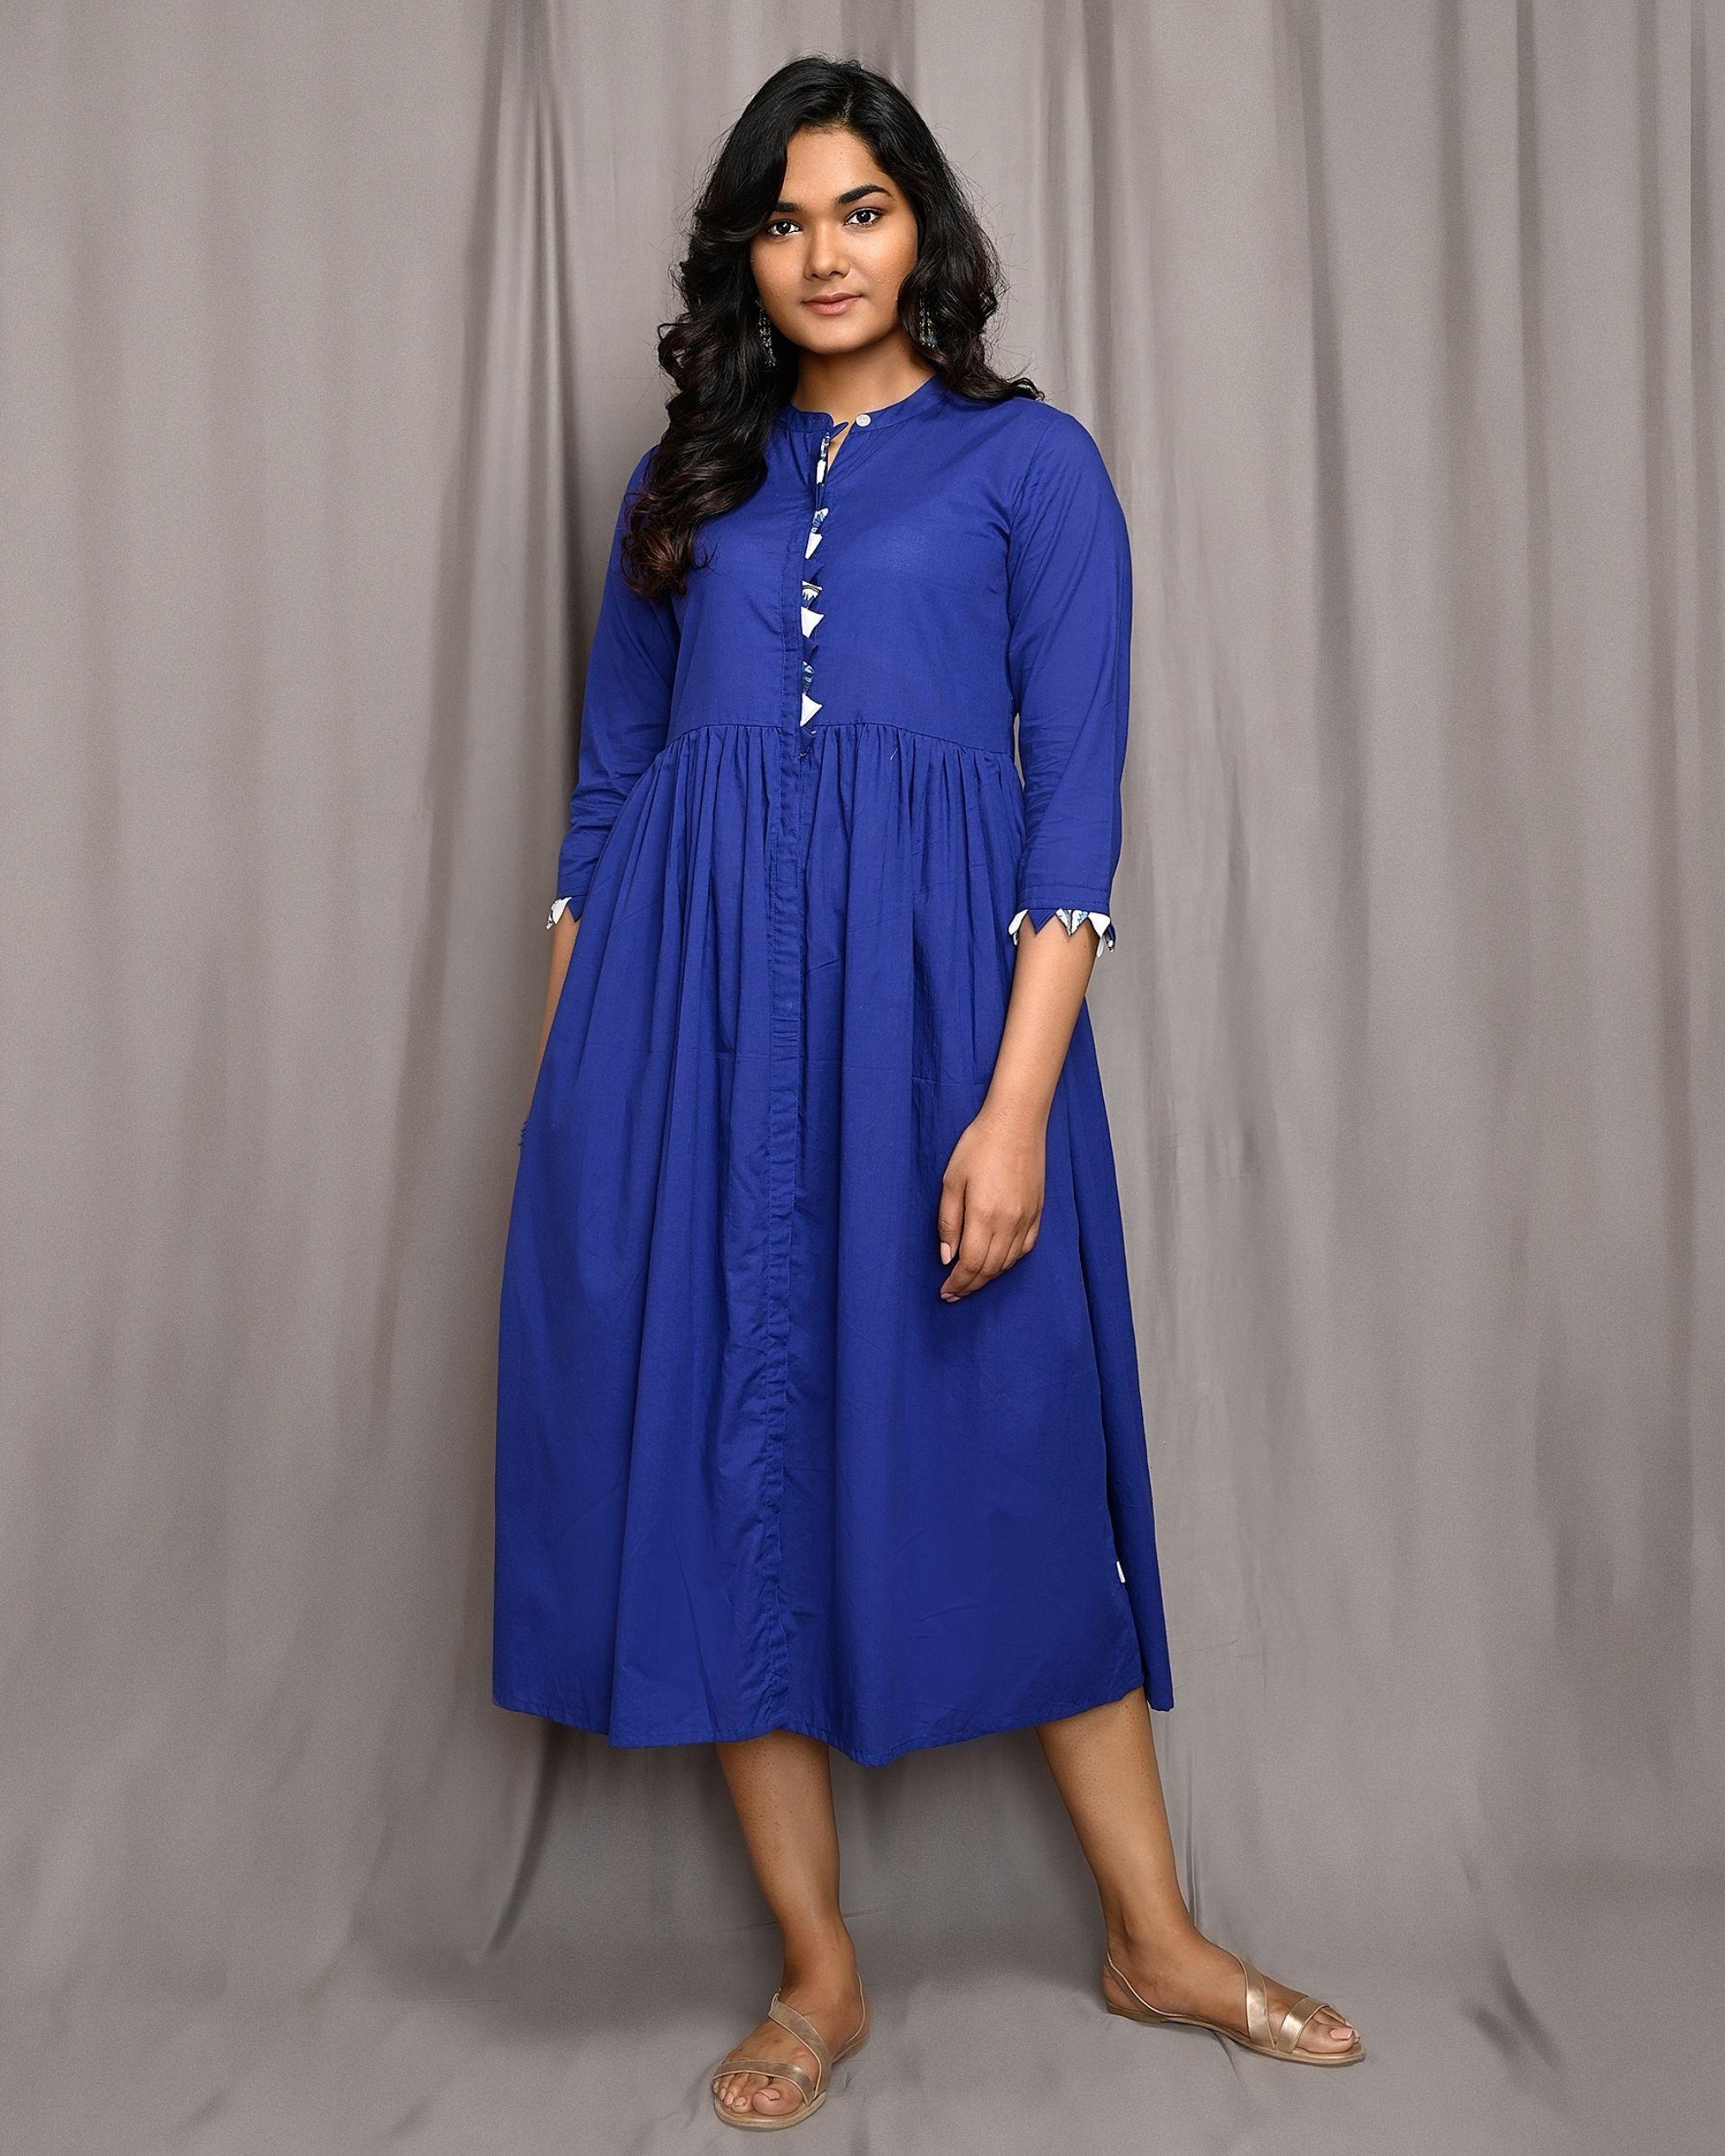 Royal blue gathered mandarin dress